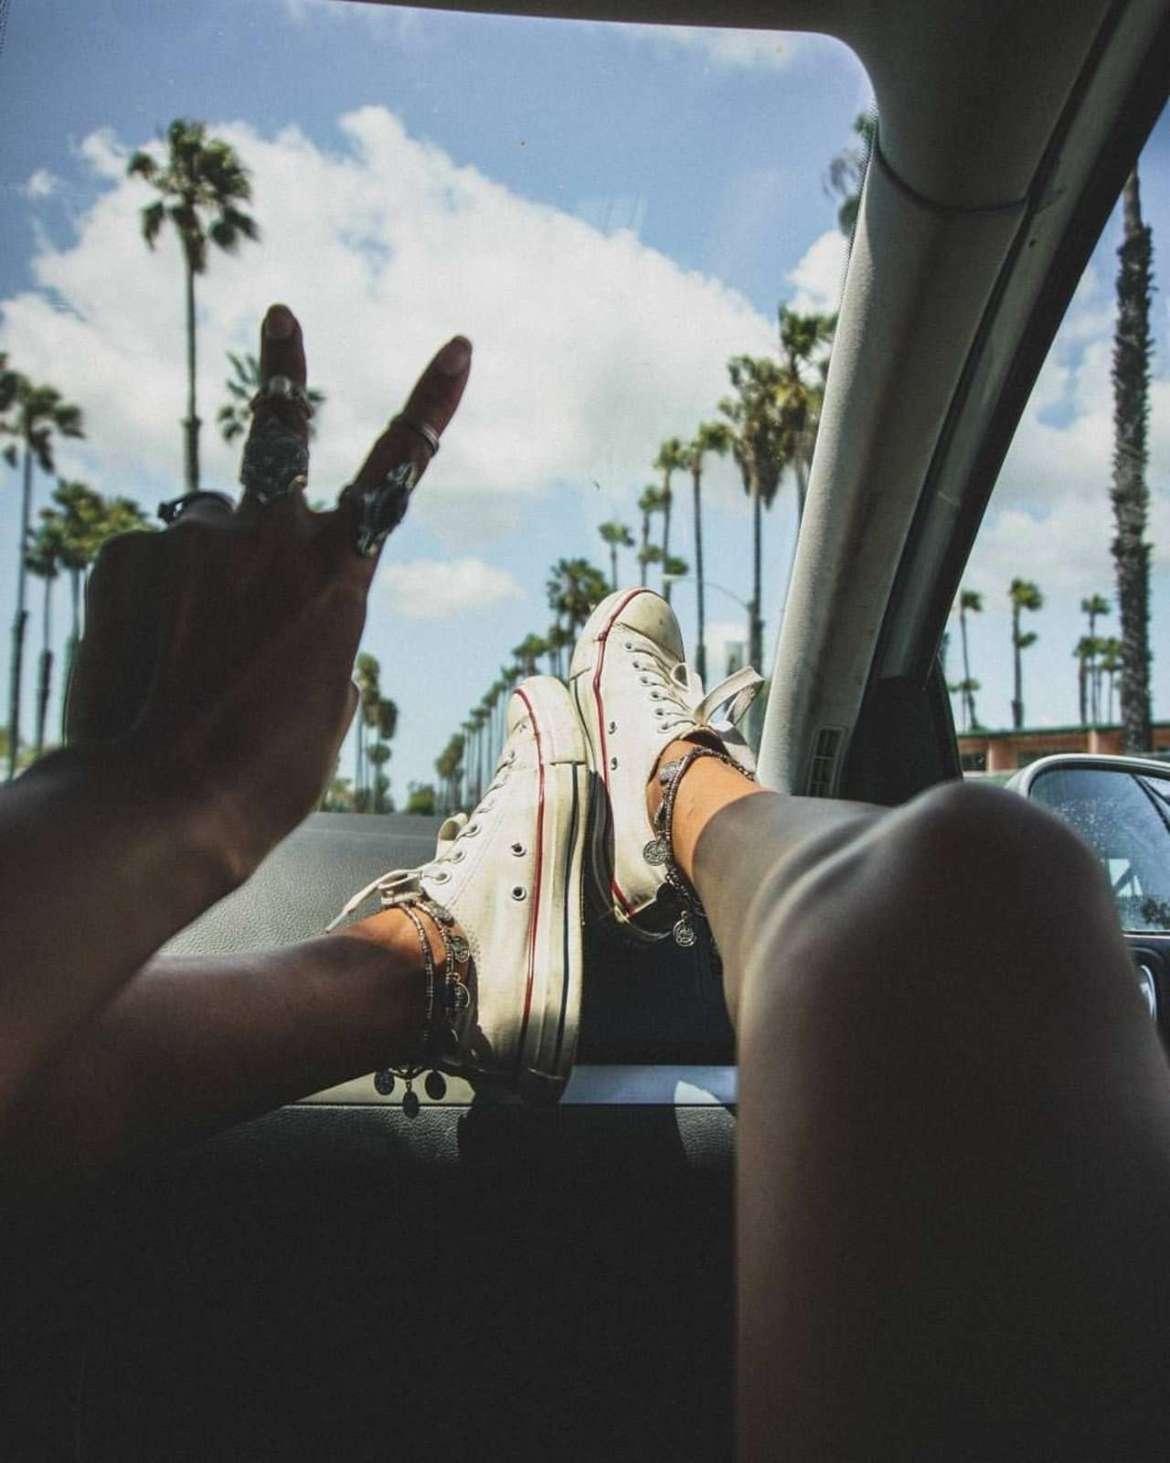 piedi sul cruscotto dell'auto